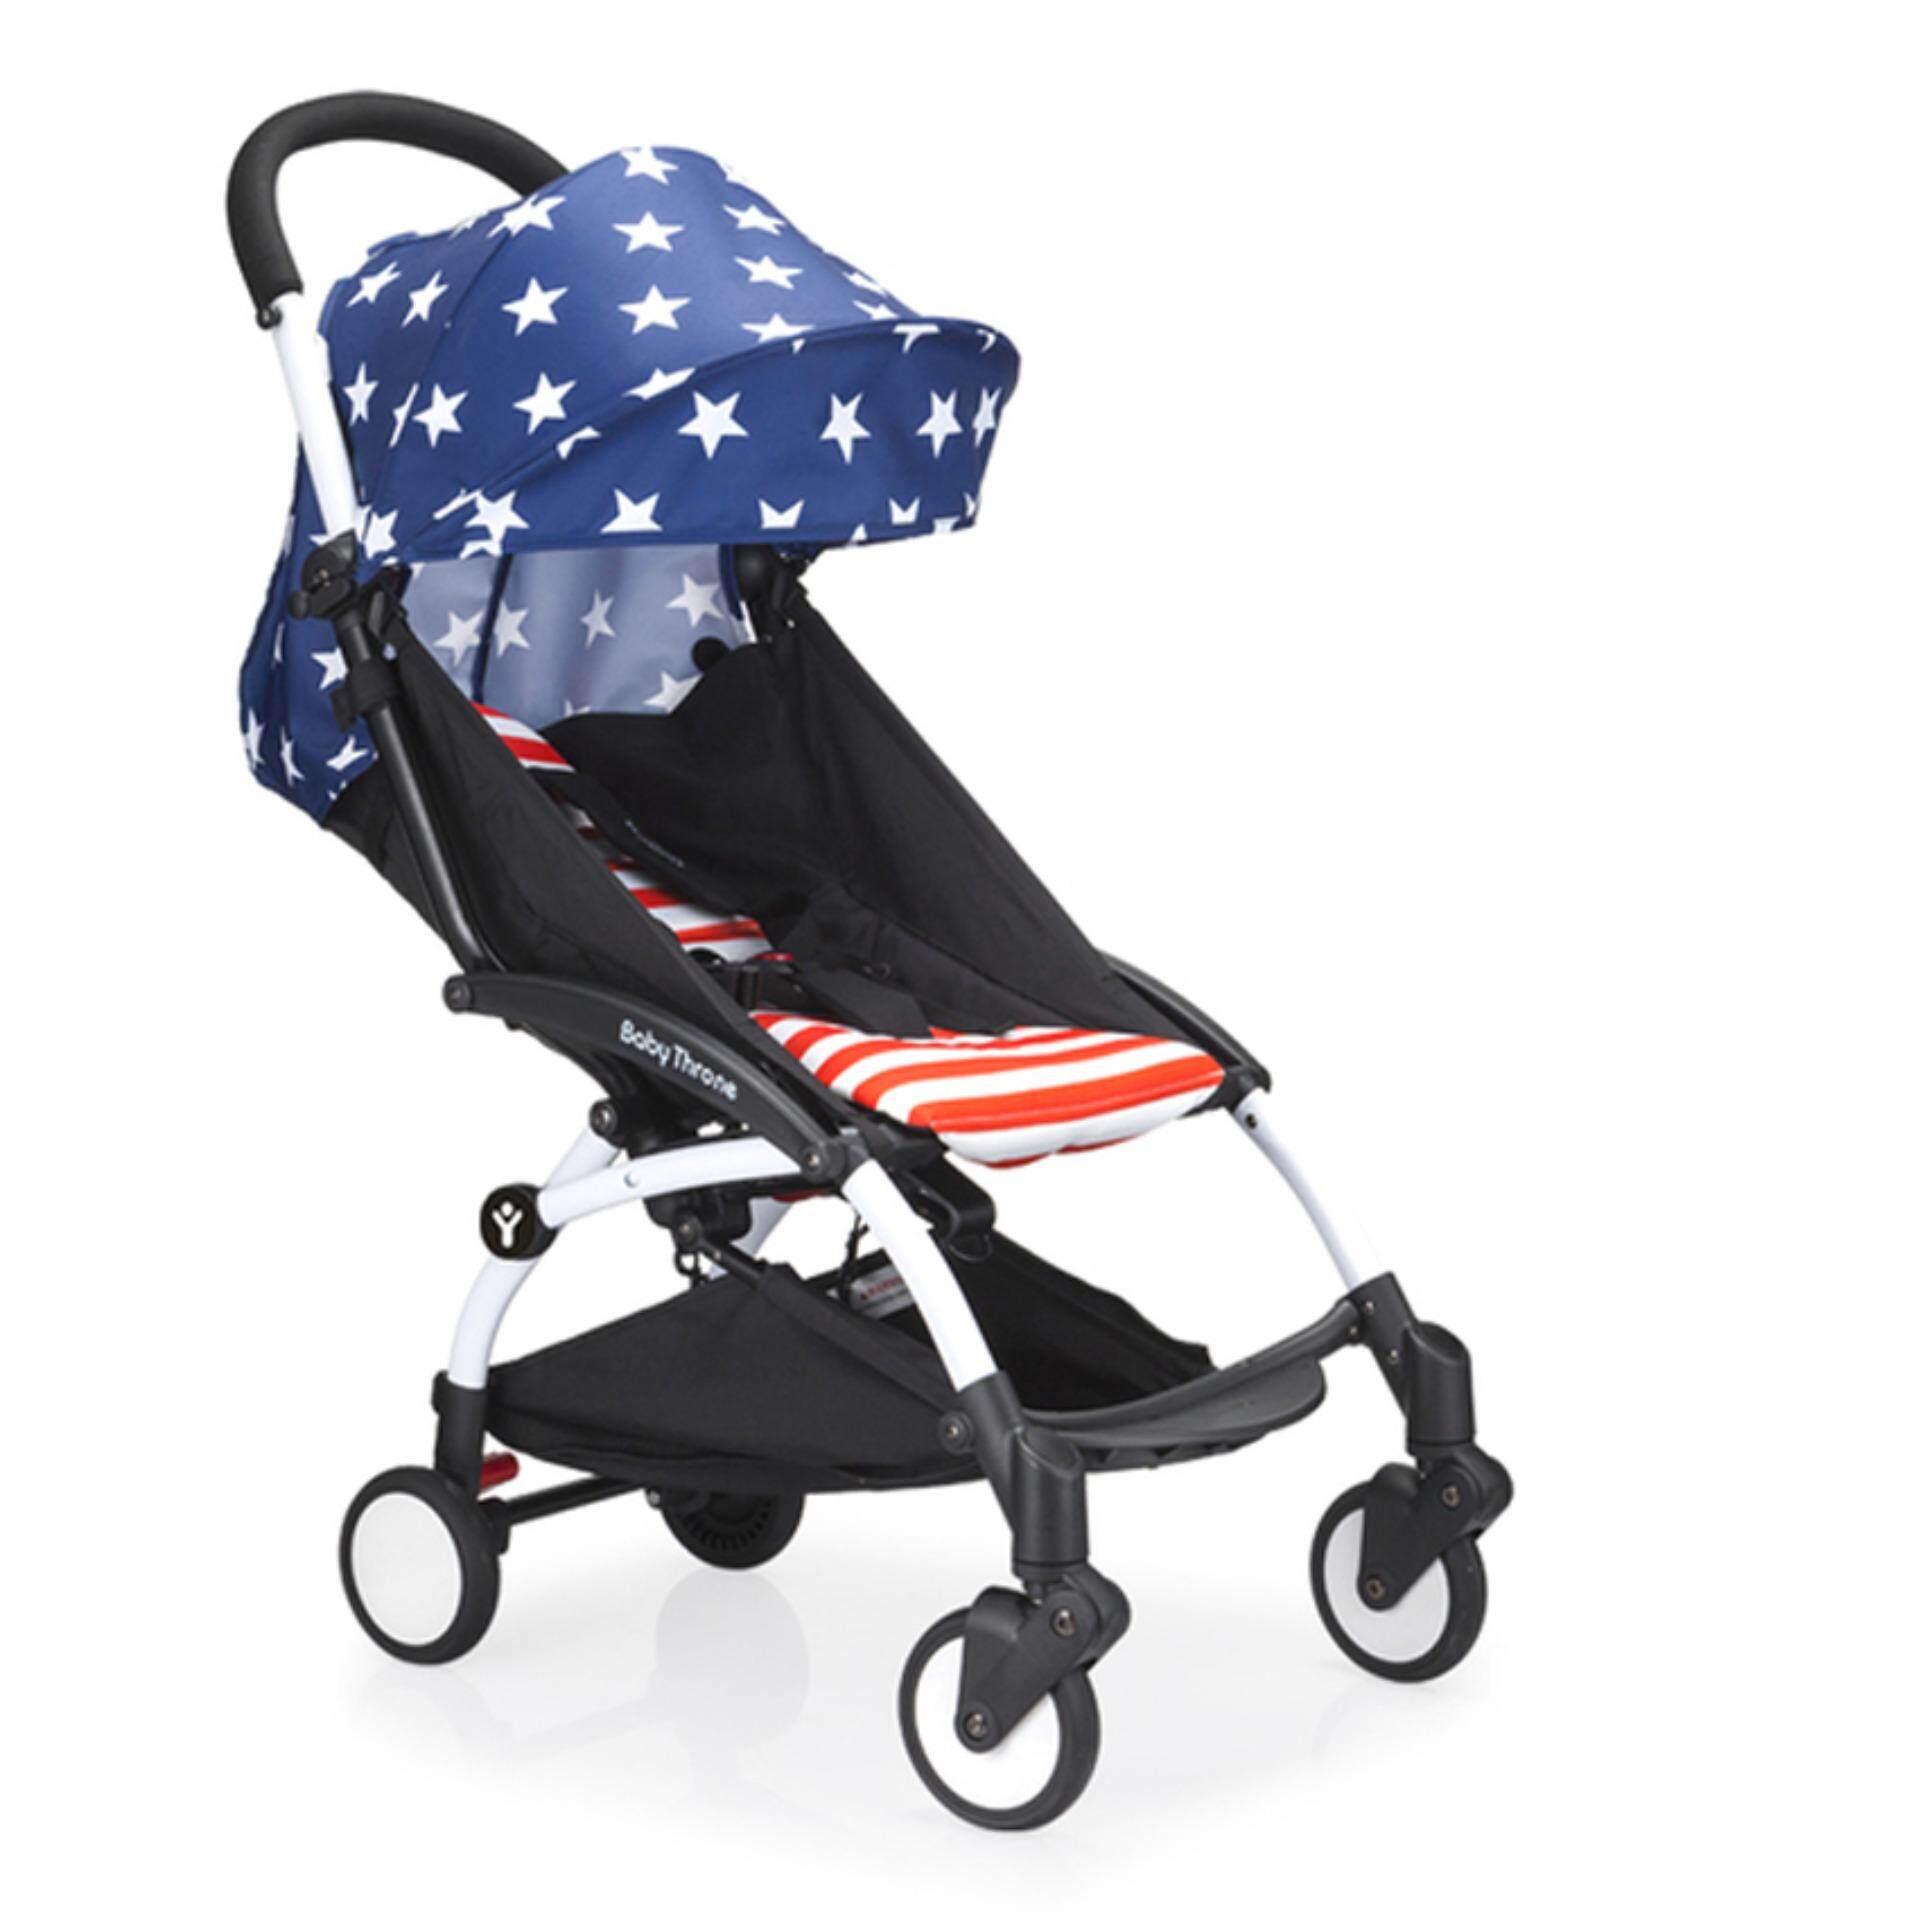 ขายถูกที่สุด Unbranded/Generic รถเข็นเด็กสามล้อ Baby Stroller Wisesonle A6 รถเข็นเด็กน้ำหนักเบา 4.8kg กางพับเก็บง่ายพกพาสะดวกโครงสร้างแข็งแรงเป็นพิเศษรับน้ำหนักได้ 25Kg. รูปทรงสีสันสวยงามน่าใช้ ช่องใส่ของขนาดใหญ่ด้านล่าง สีแดง 1 ชิ้น รีวิวดีที่สุด